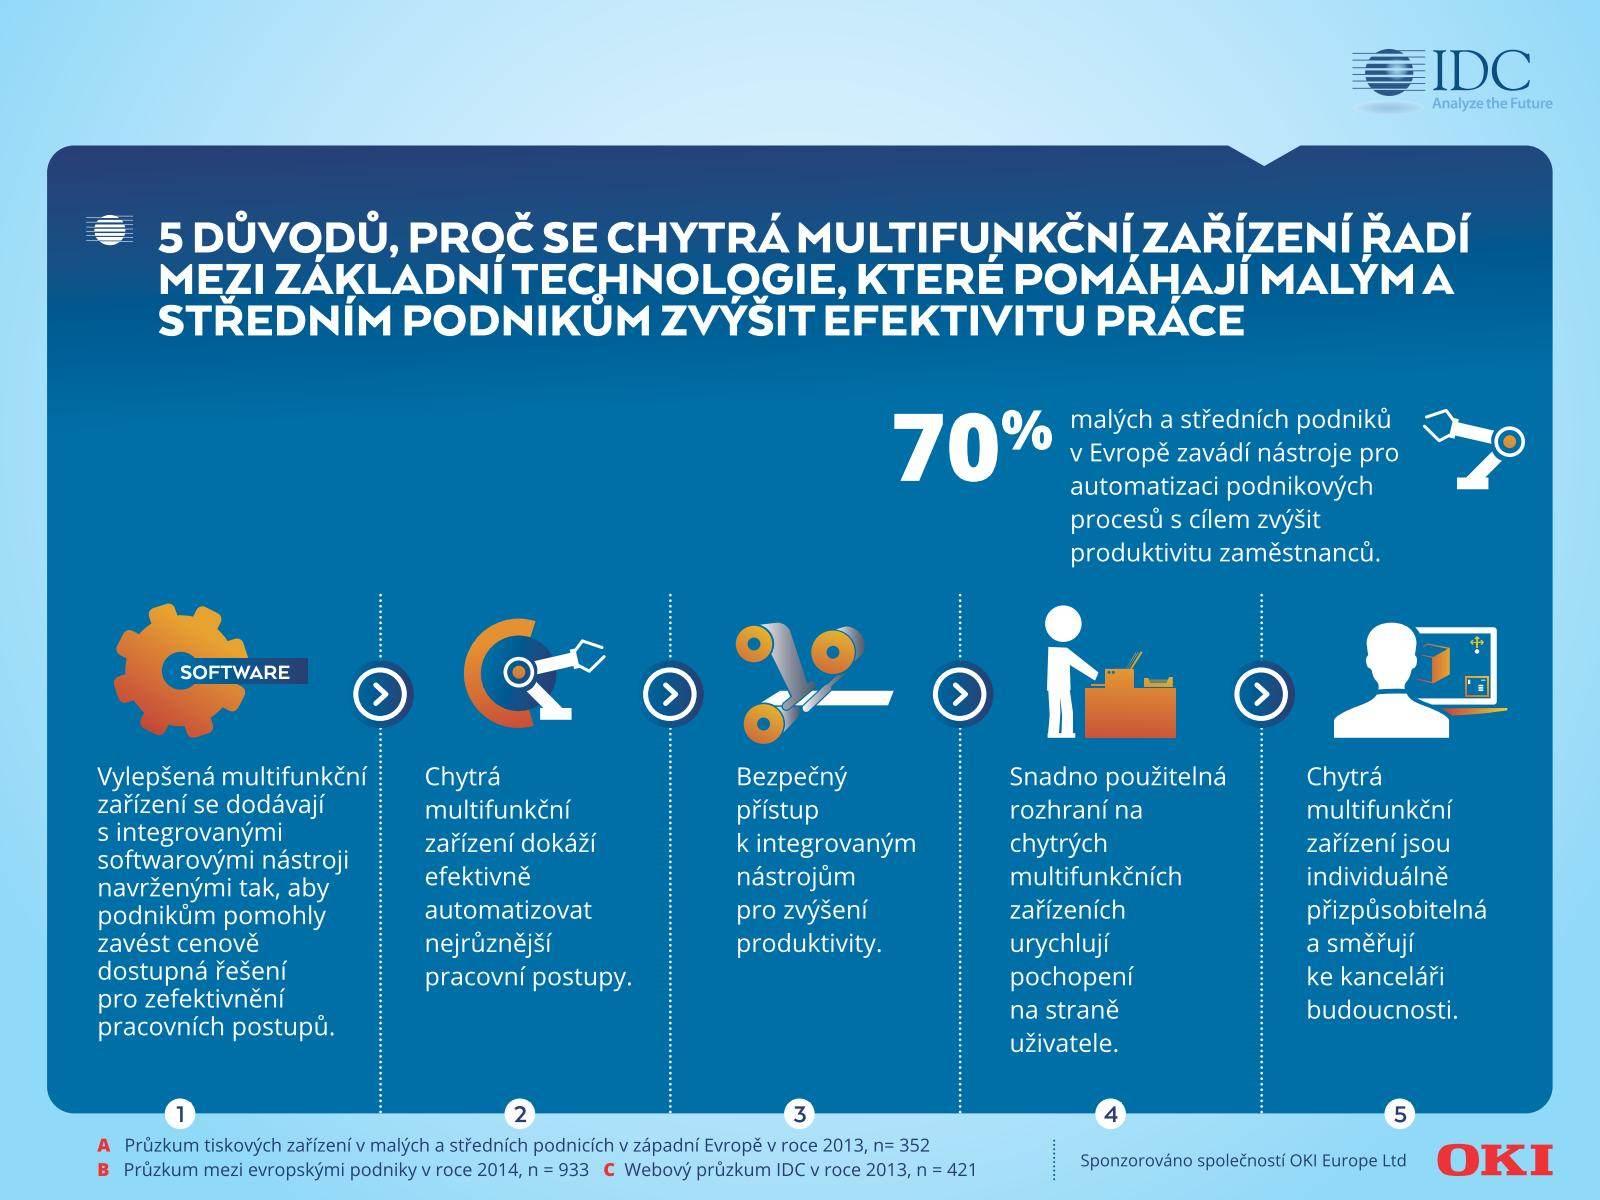 OKI_IDC infografika Chytre multifunkce_web2016_3_nowat